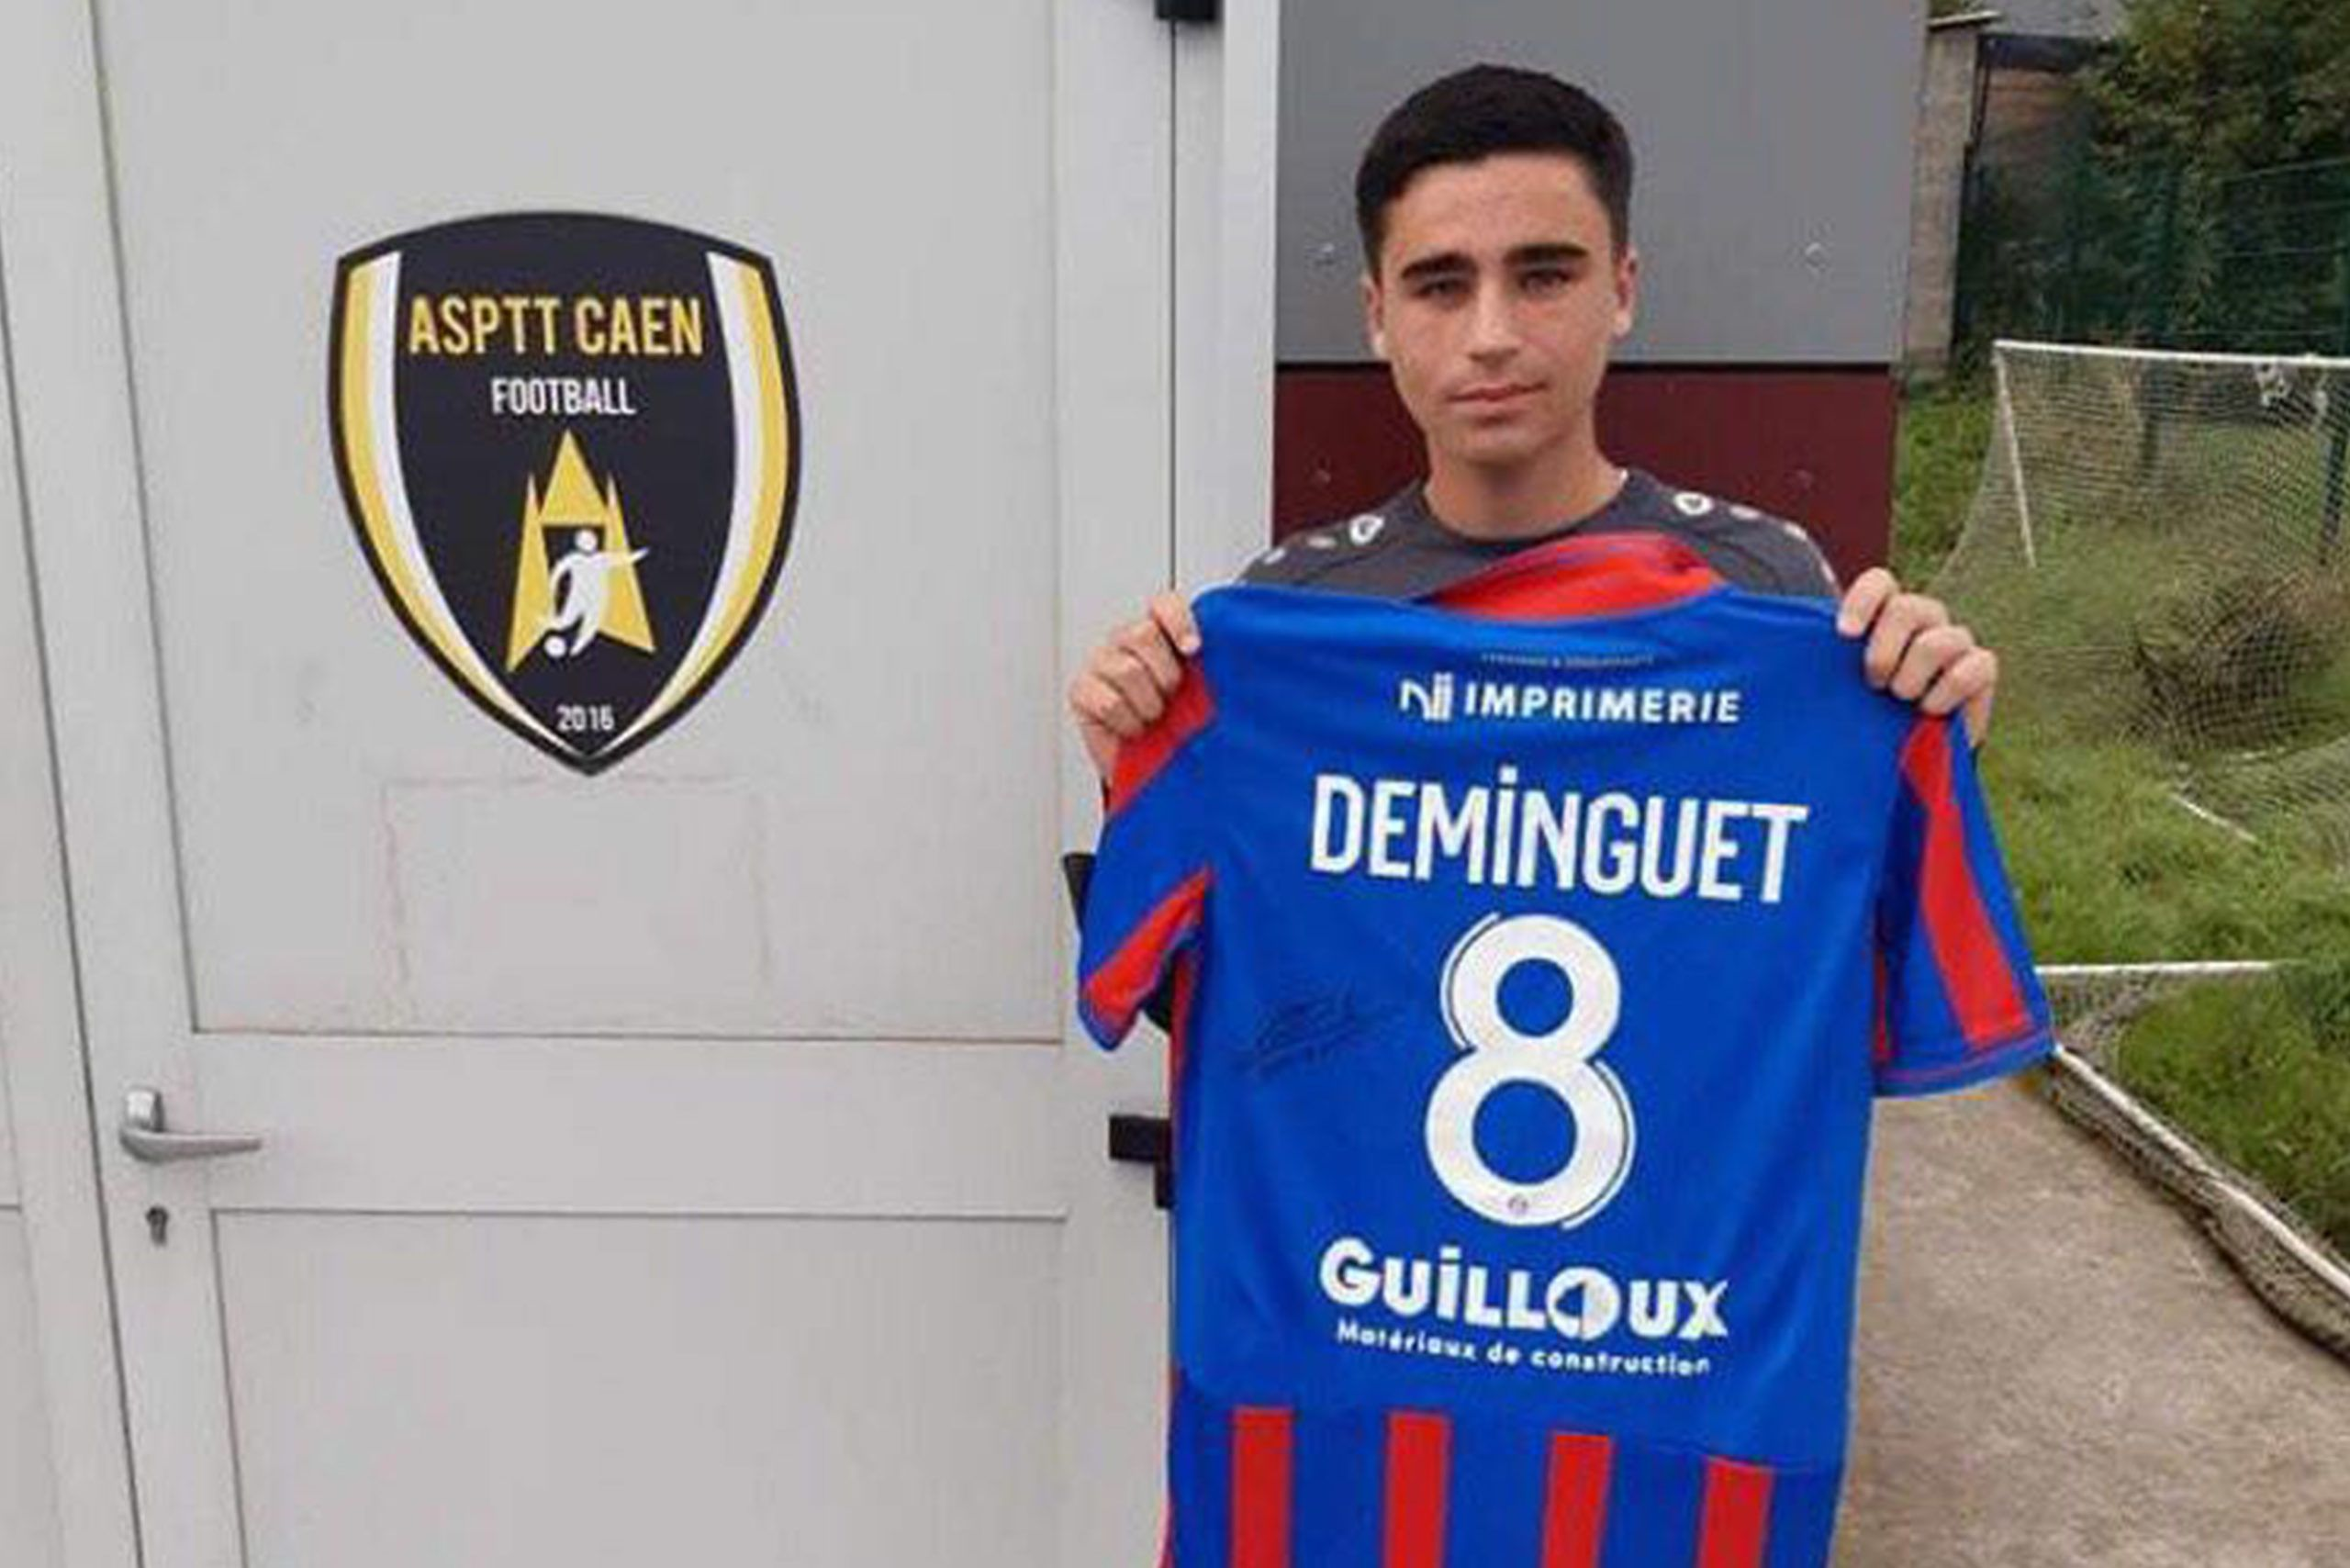 Le beau geste du SM Caen et Deminguet après le malaise cardiaque de Diego